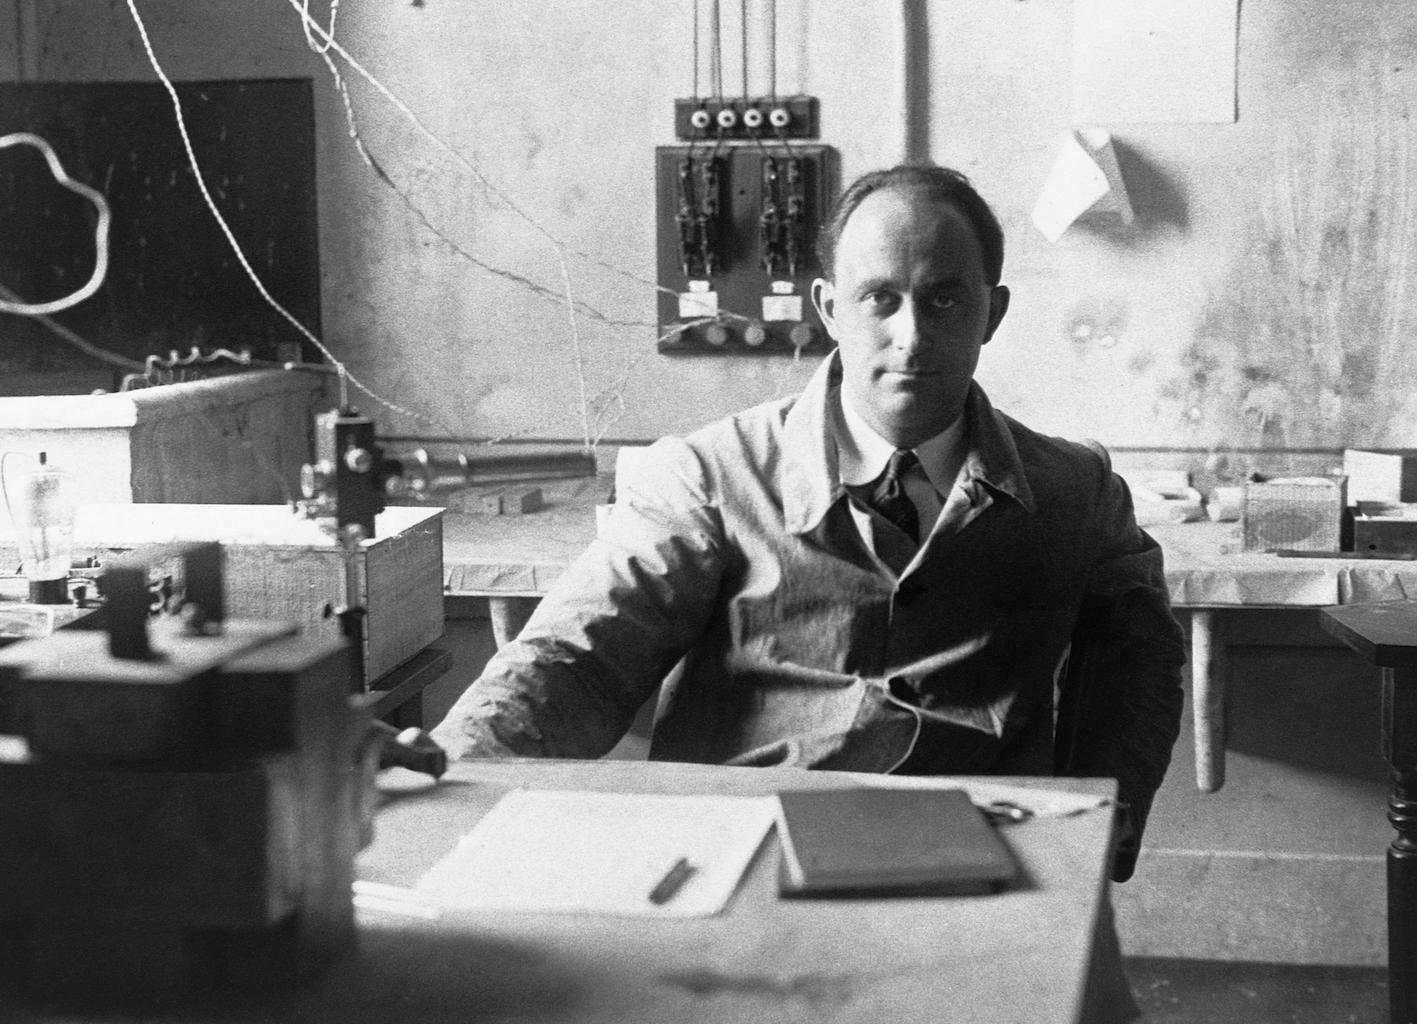 Fermi seduto alla sua scrivania, Roma, 1938 circa - photo credits CREF-Centro Ricerche Enrico Fermi e Patrimonio archivistico del Dipartimento di Fisica di Sapienza Università di Roma